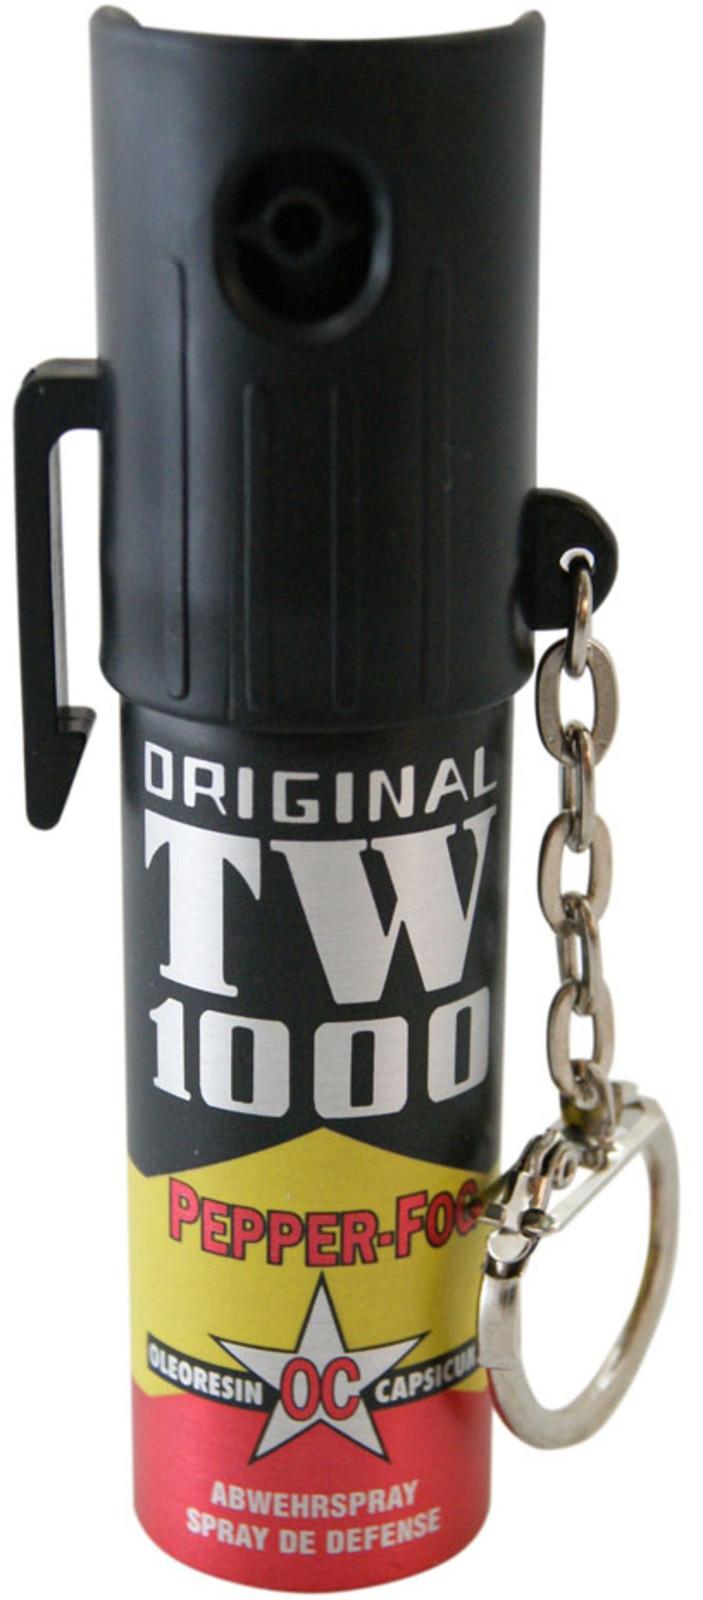 Obranný sprej TW1000 OC Fog Lady 15ml s klíčenkou